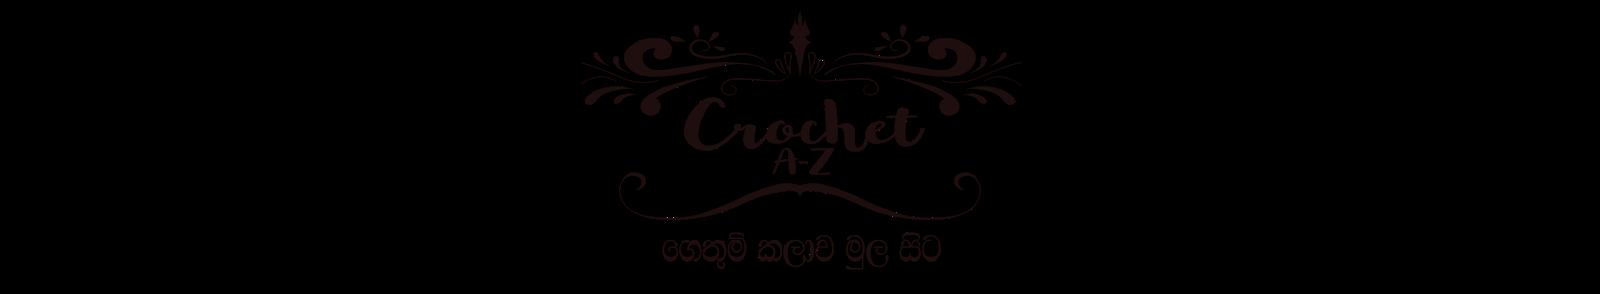 Crochet ගෙතුම් කලාව මුල සිට